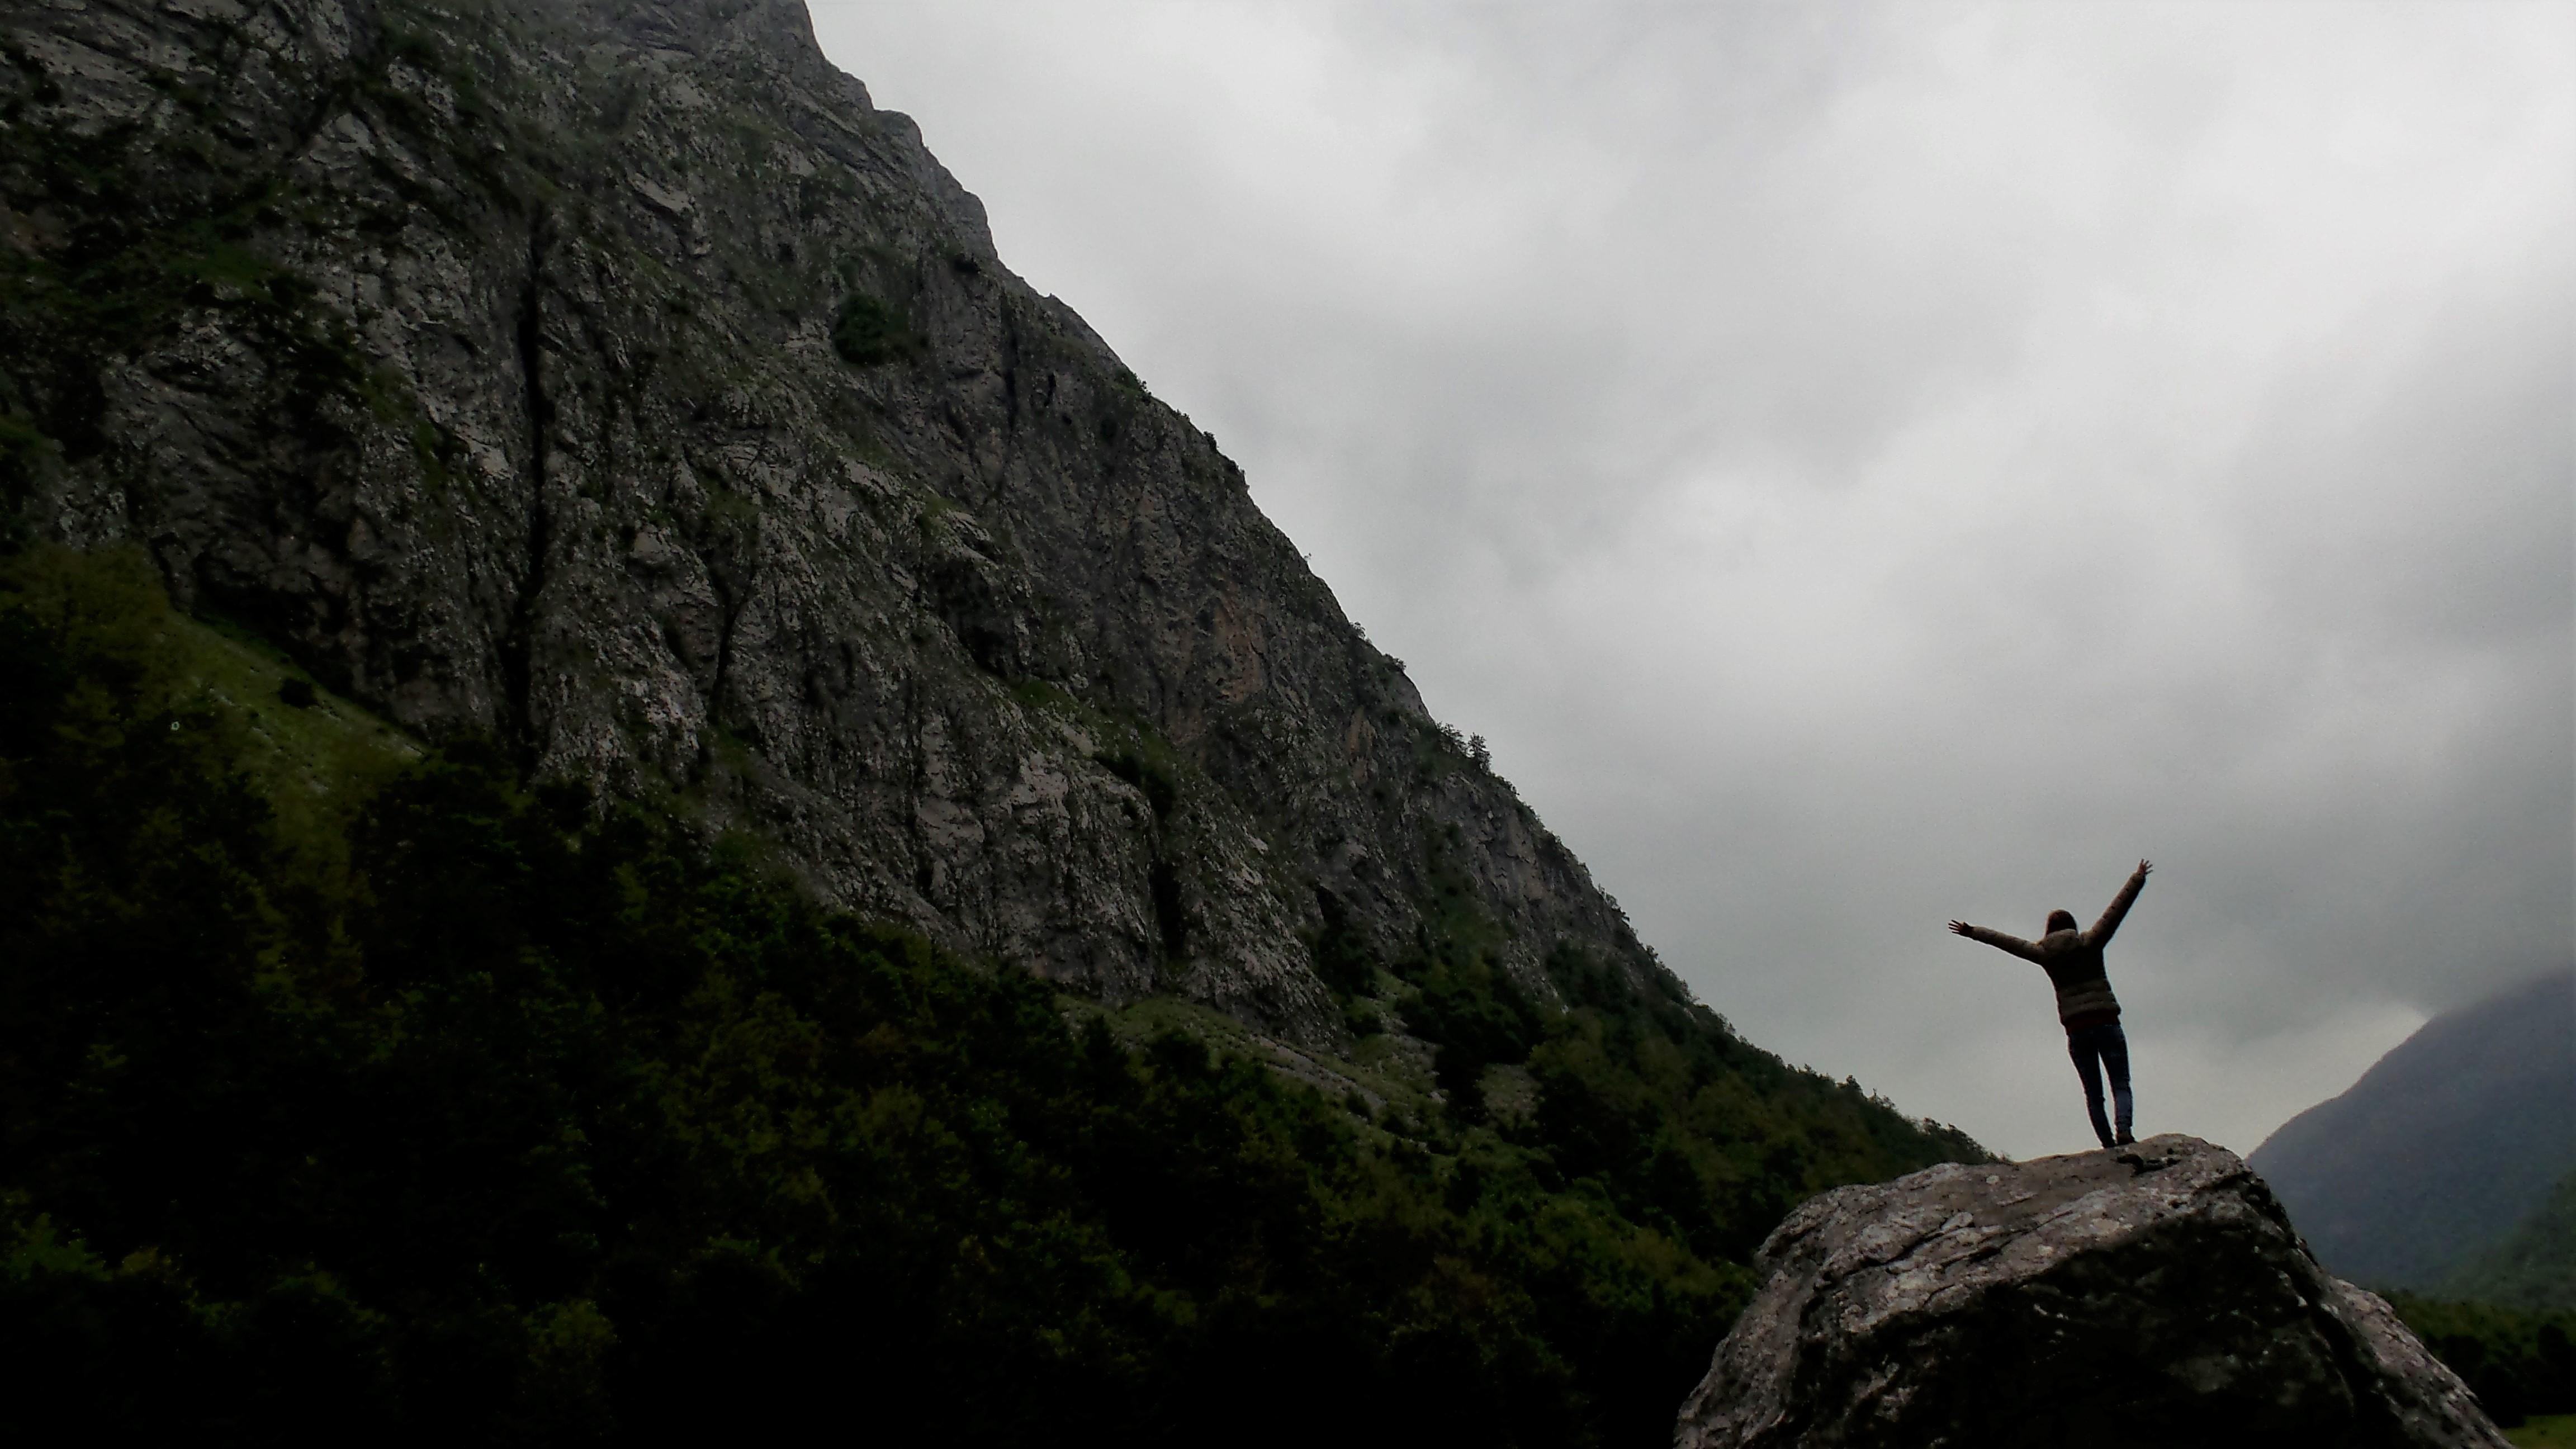 Prokletijie Nationalpark - Grebaje Tal